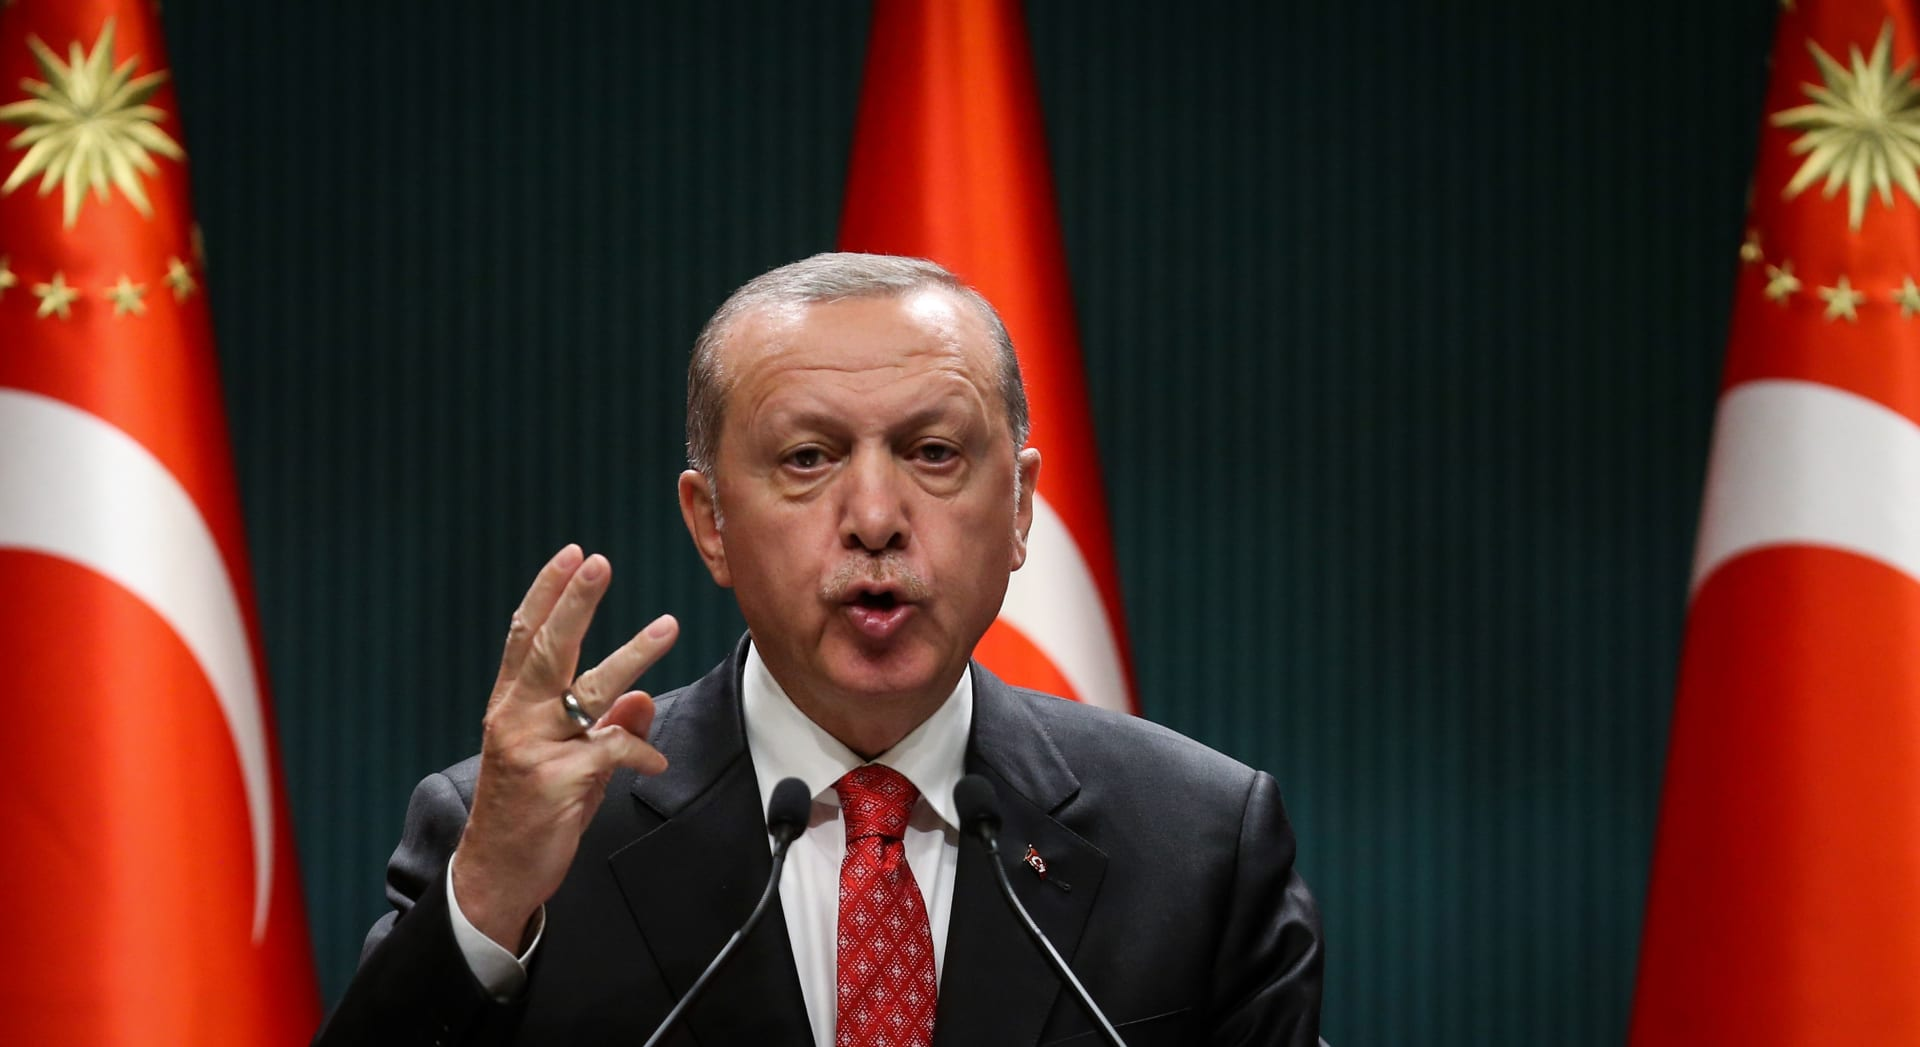 أردوغان: لا أطماع لتركيا في ثروات أحد.. ومن يهاجموننا عاجزون عن مقارعتها على الأرض